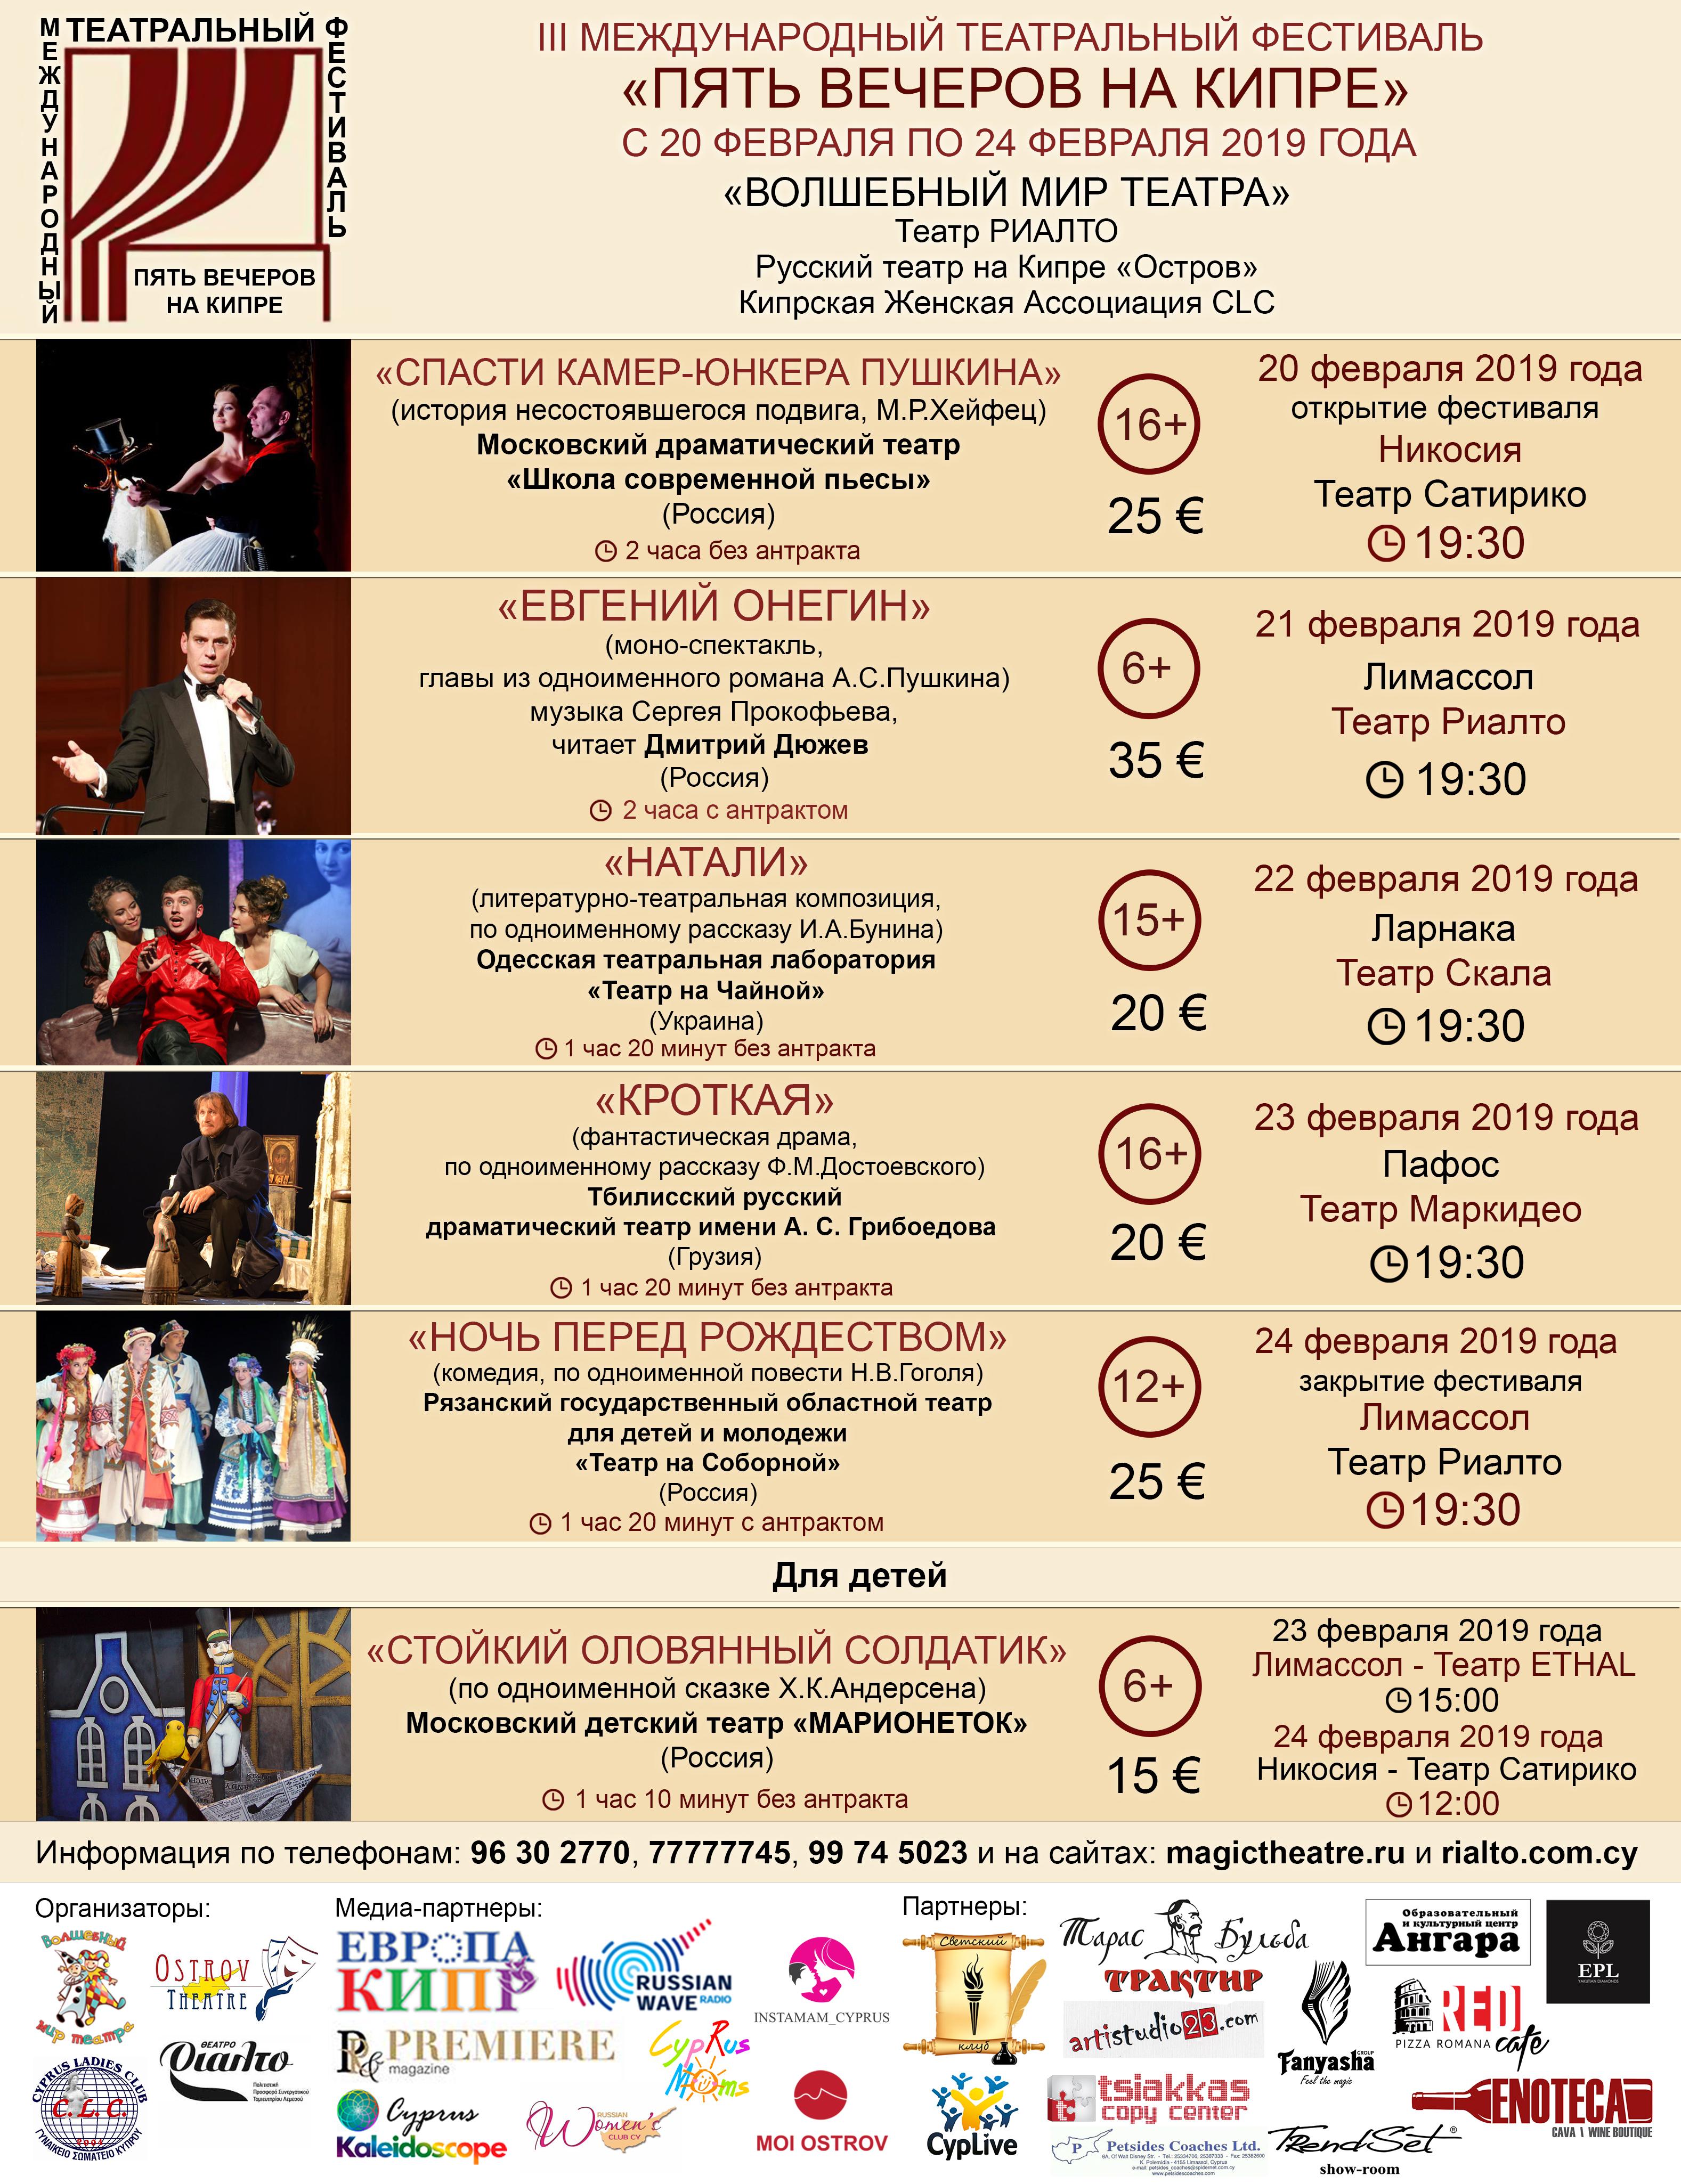 theatre-festival3-poster-rus7